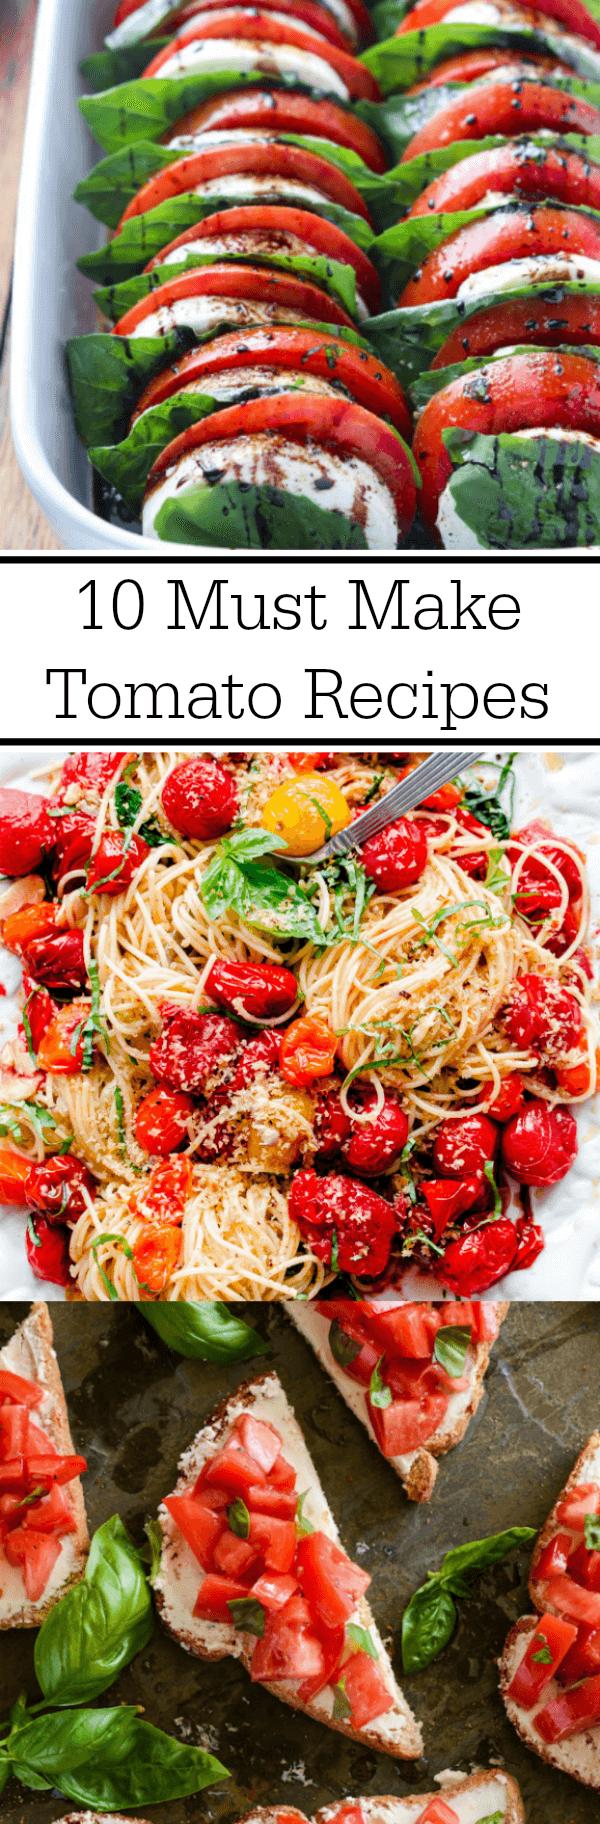 Tomato Salad, Tomato Spaghetti and Tomato Toast